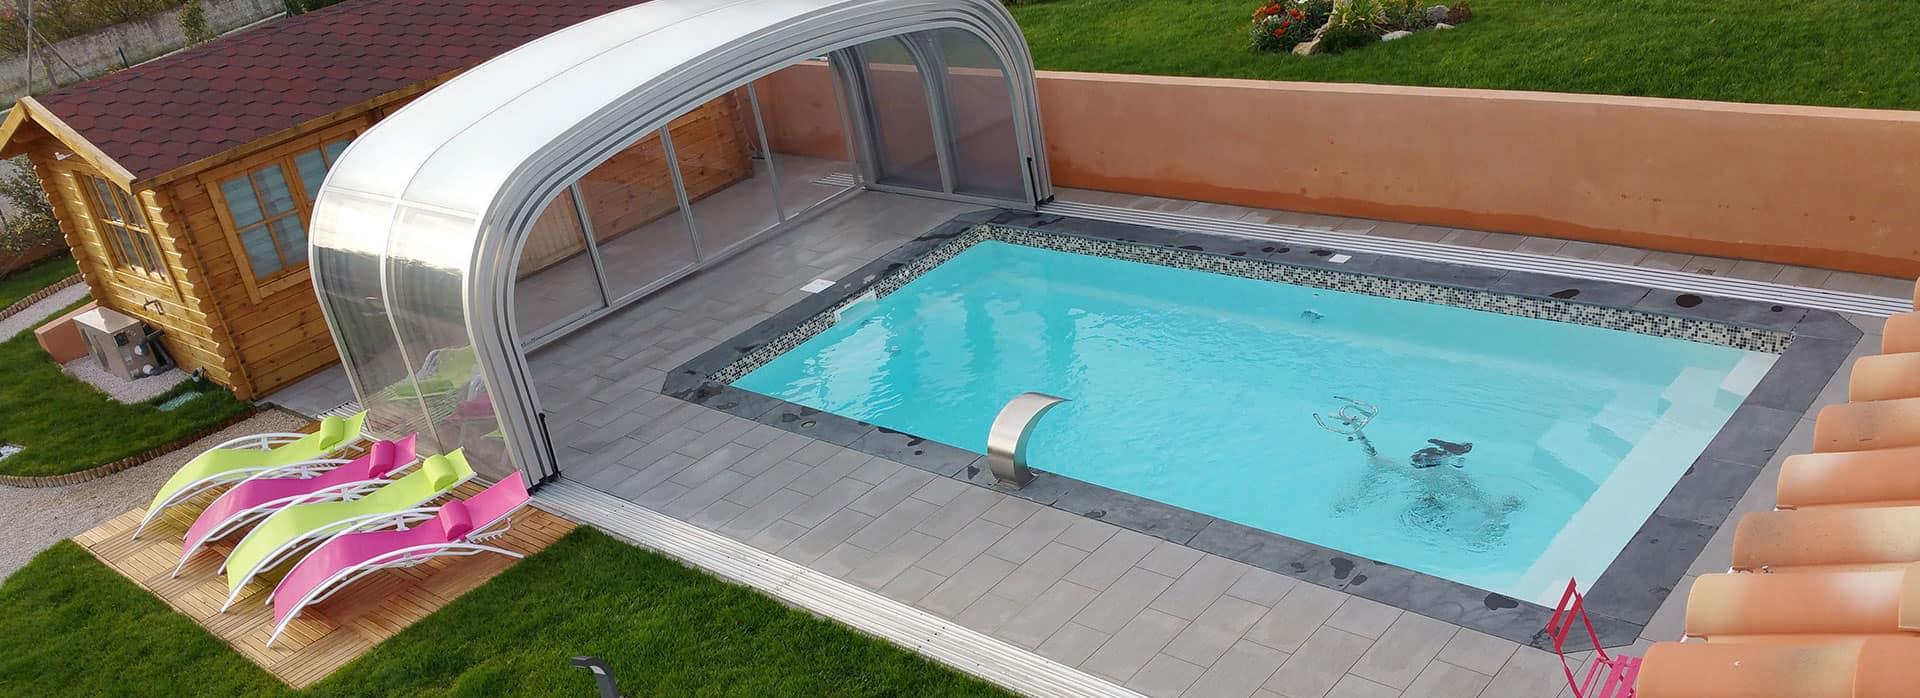 piscine chambre d'hôtes spa de la sainte baume